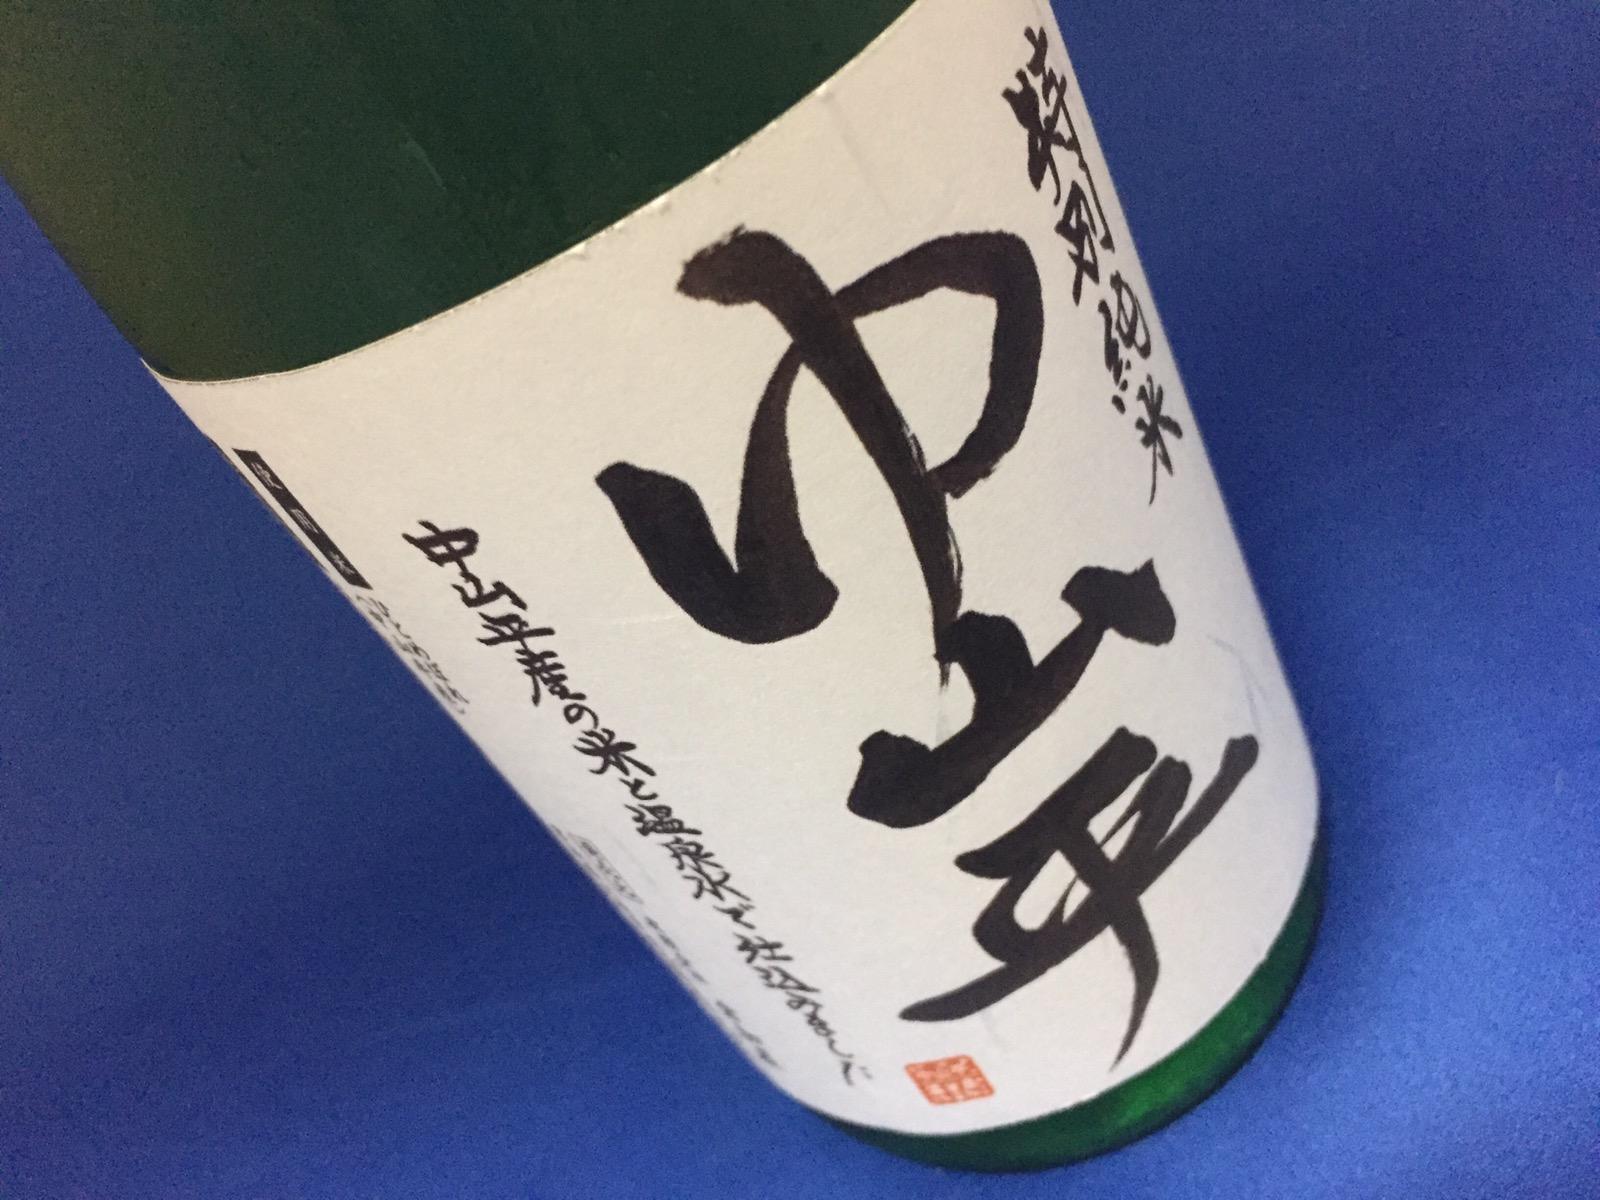 """鳴子温泉郷の米と温泉水で仕込んだ日本酒""""中山平""""特別純米"""